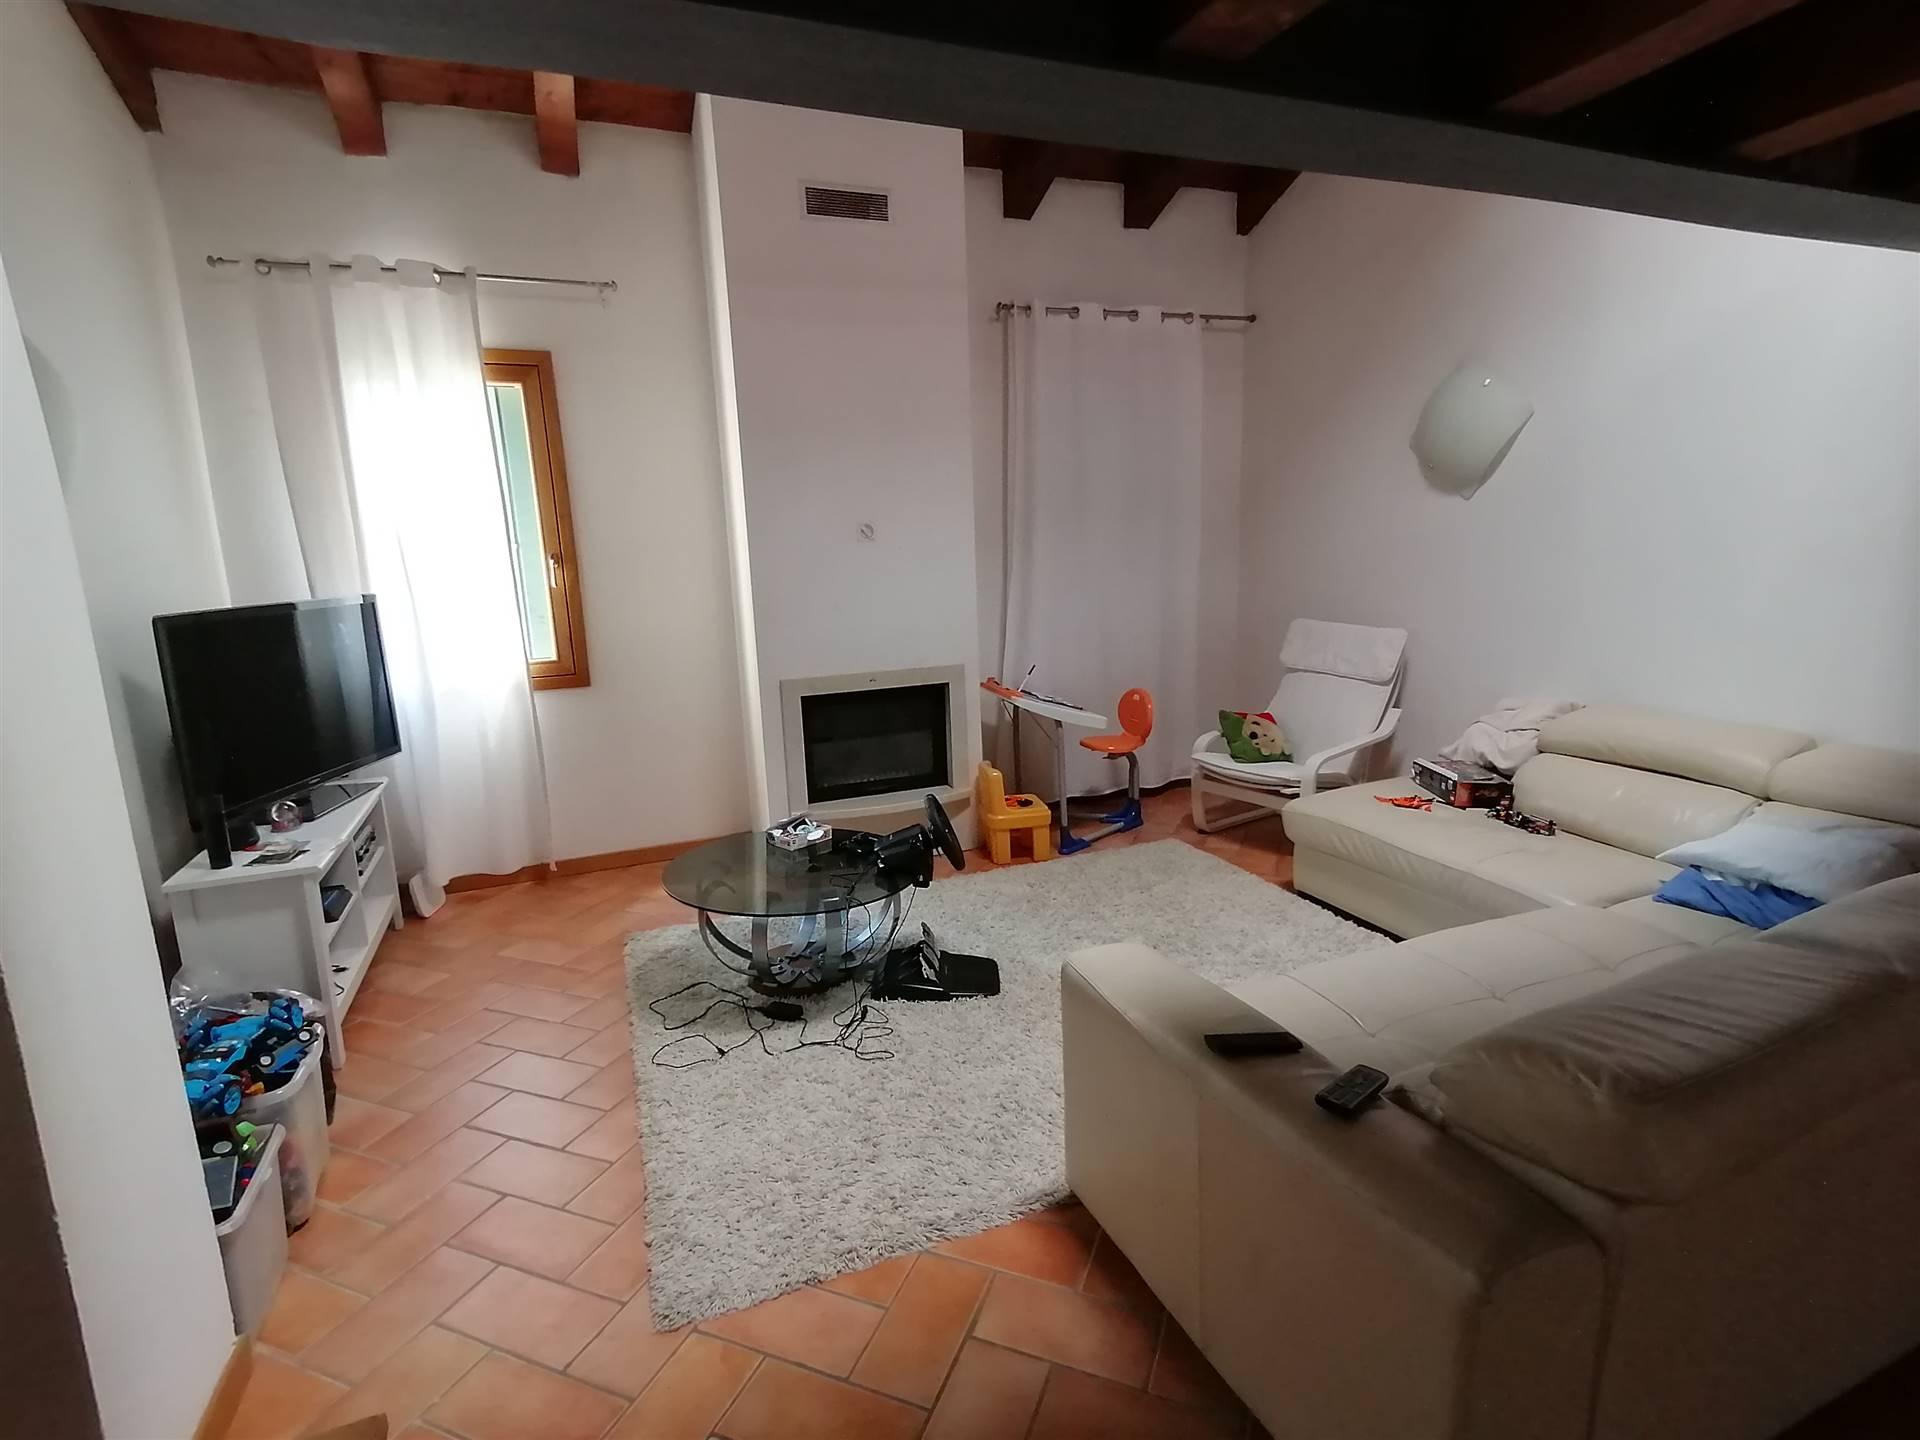 SAN MICHELE DELLE BADESSE, frazione di BORGORICCO (PD), proponiamo fantastico appartamento mansardato con ingresso indipendente, situato al primo ed